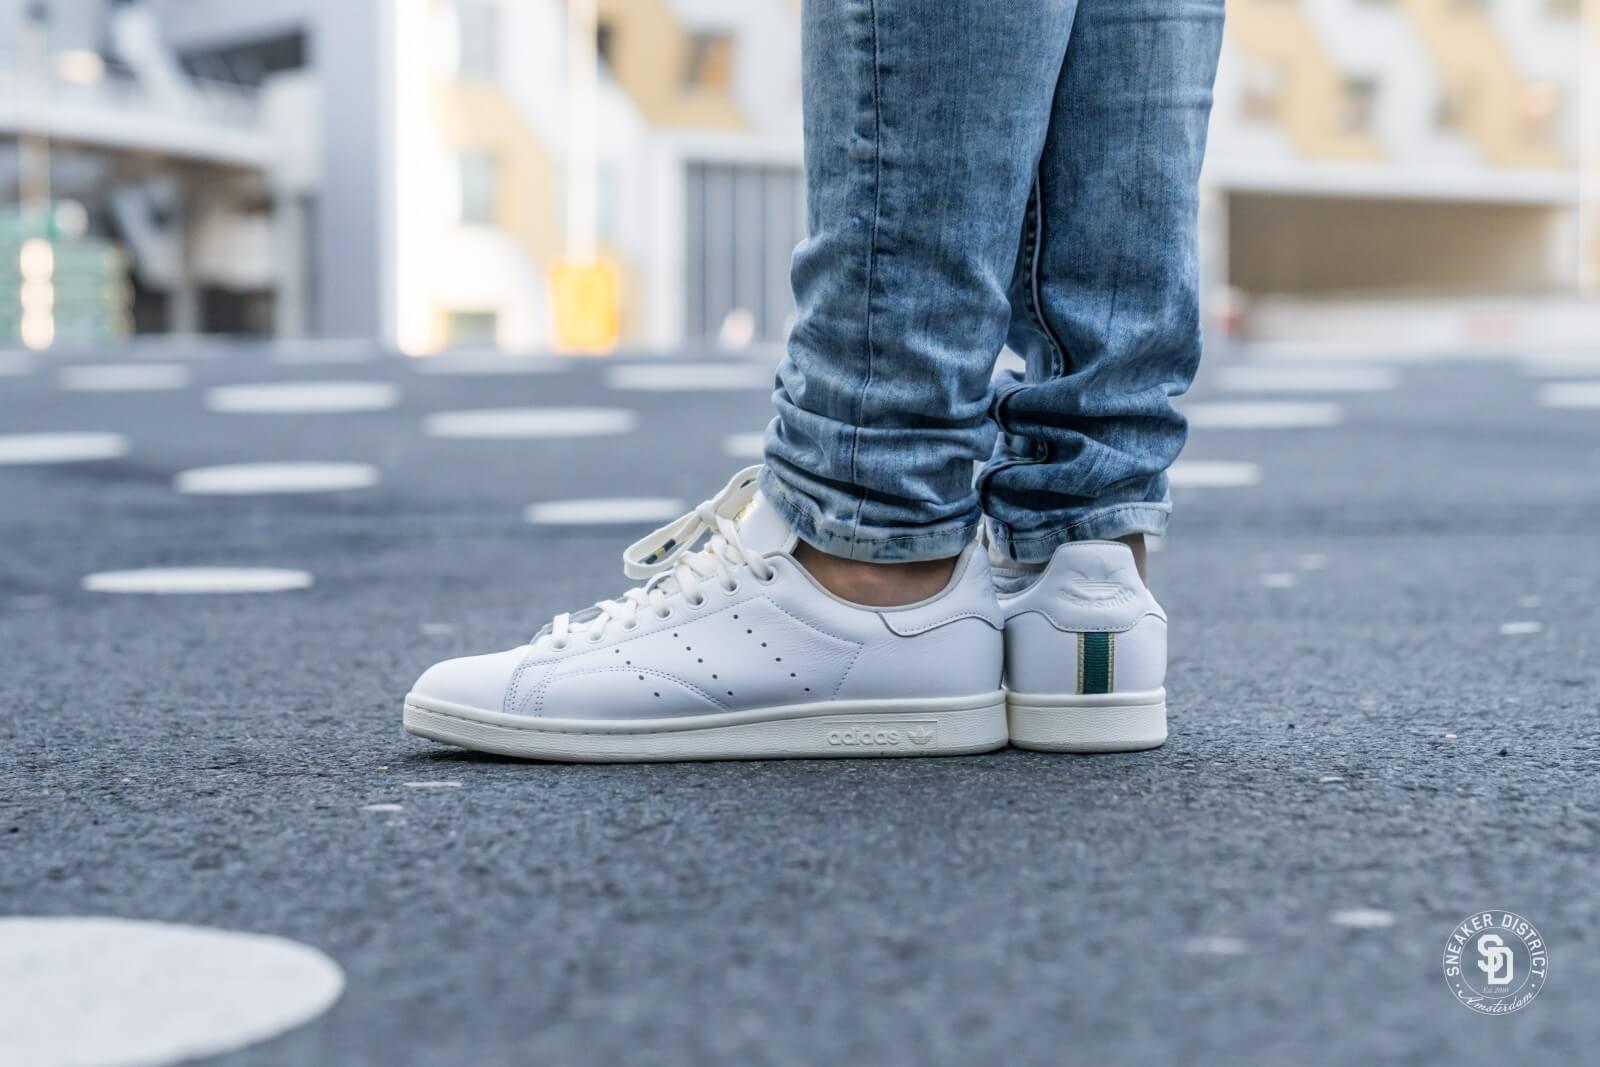 Adidas xx db3527xx